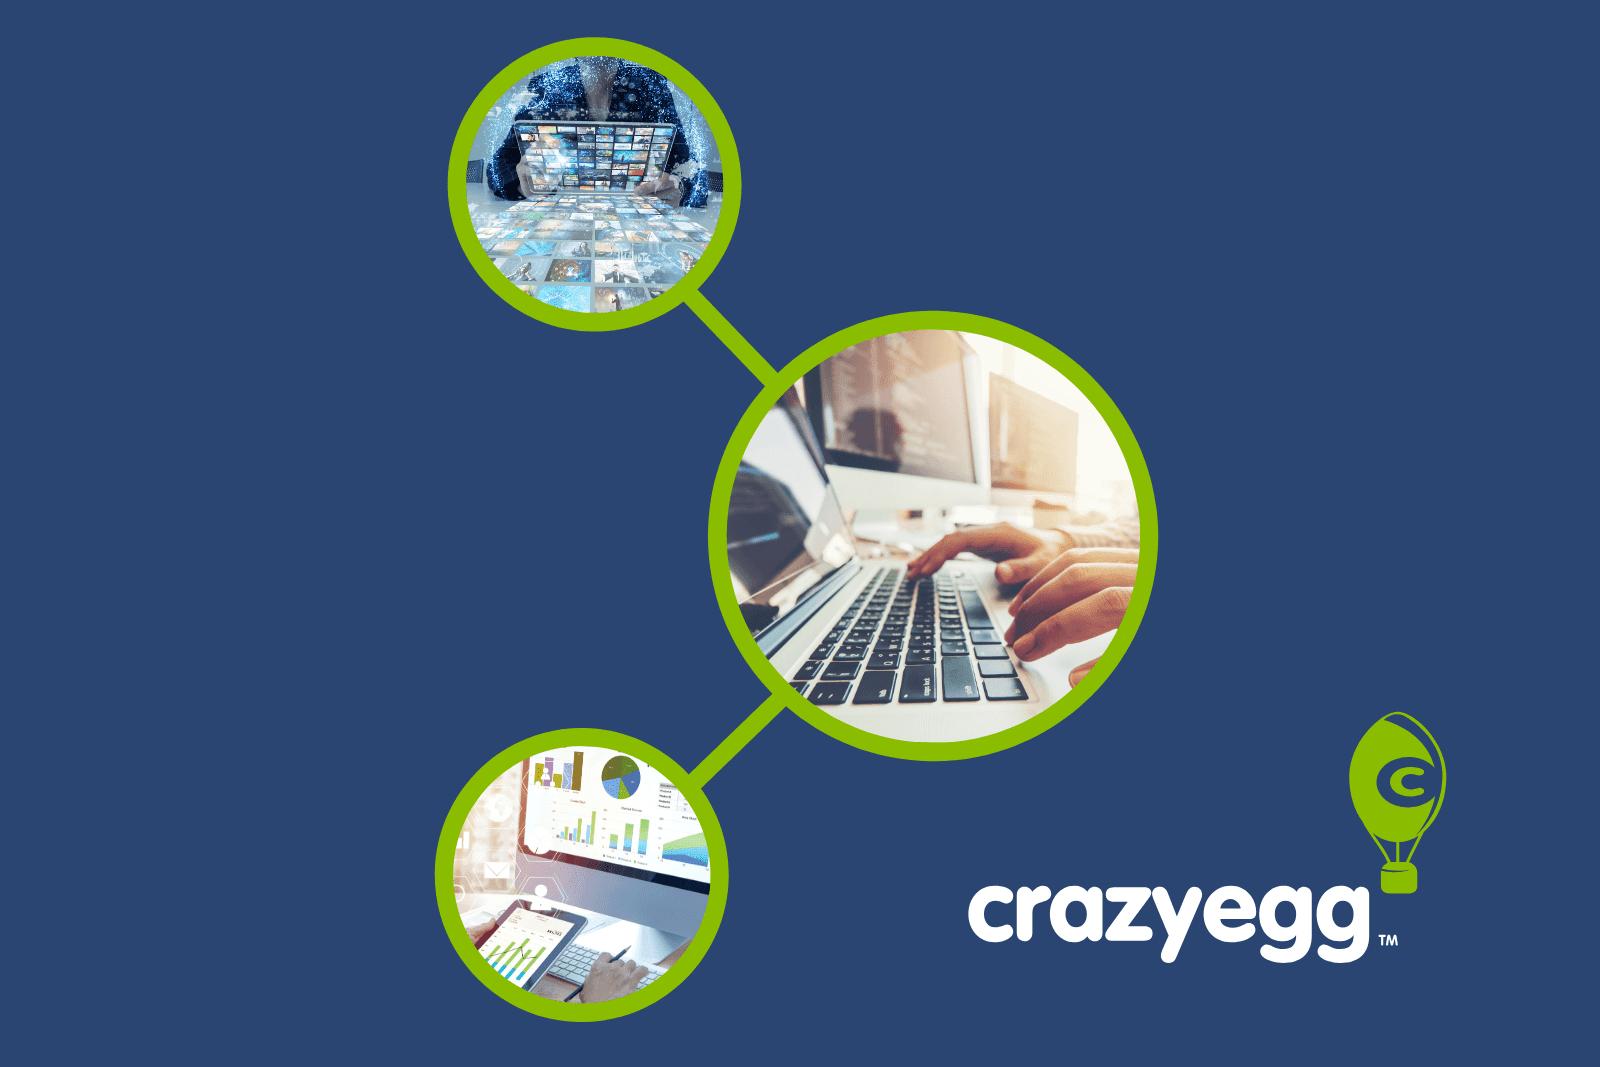 Nuestro proceso de 4 pasos, además de las herramientas y ejemplos que necesita para comenzar - 1631283020 568 Nuestro proceso de 4 pasos ademas de las herramientas y